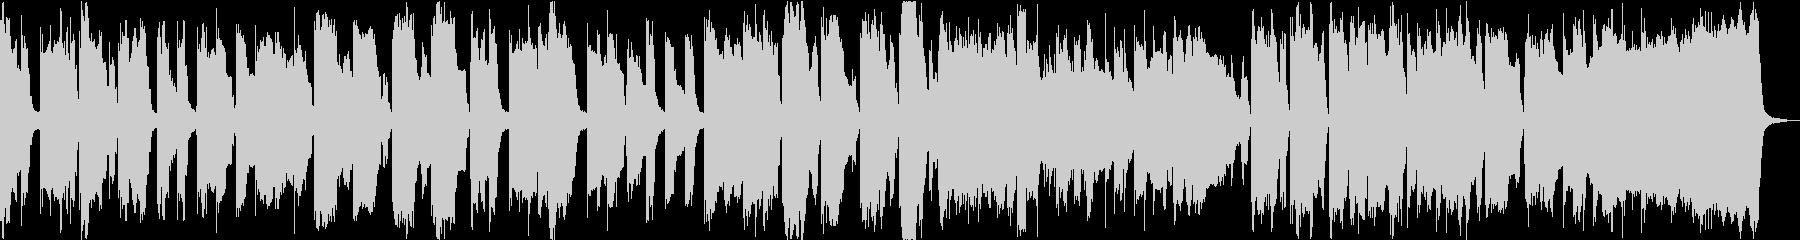 ほのぼのとした可愛らしいBGMの未再生の波形